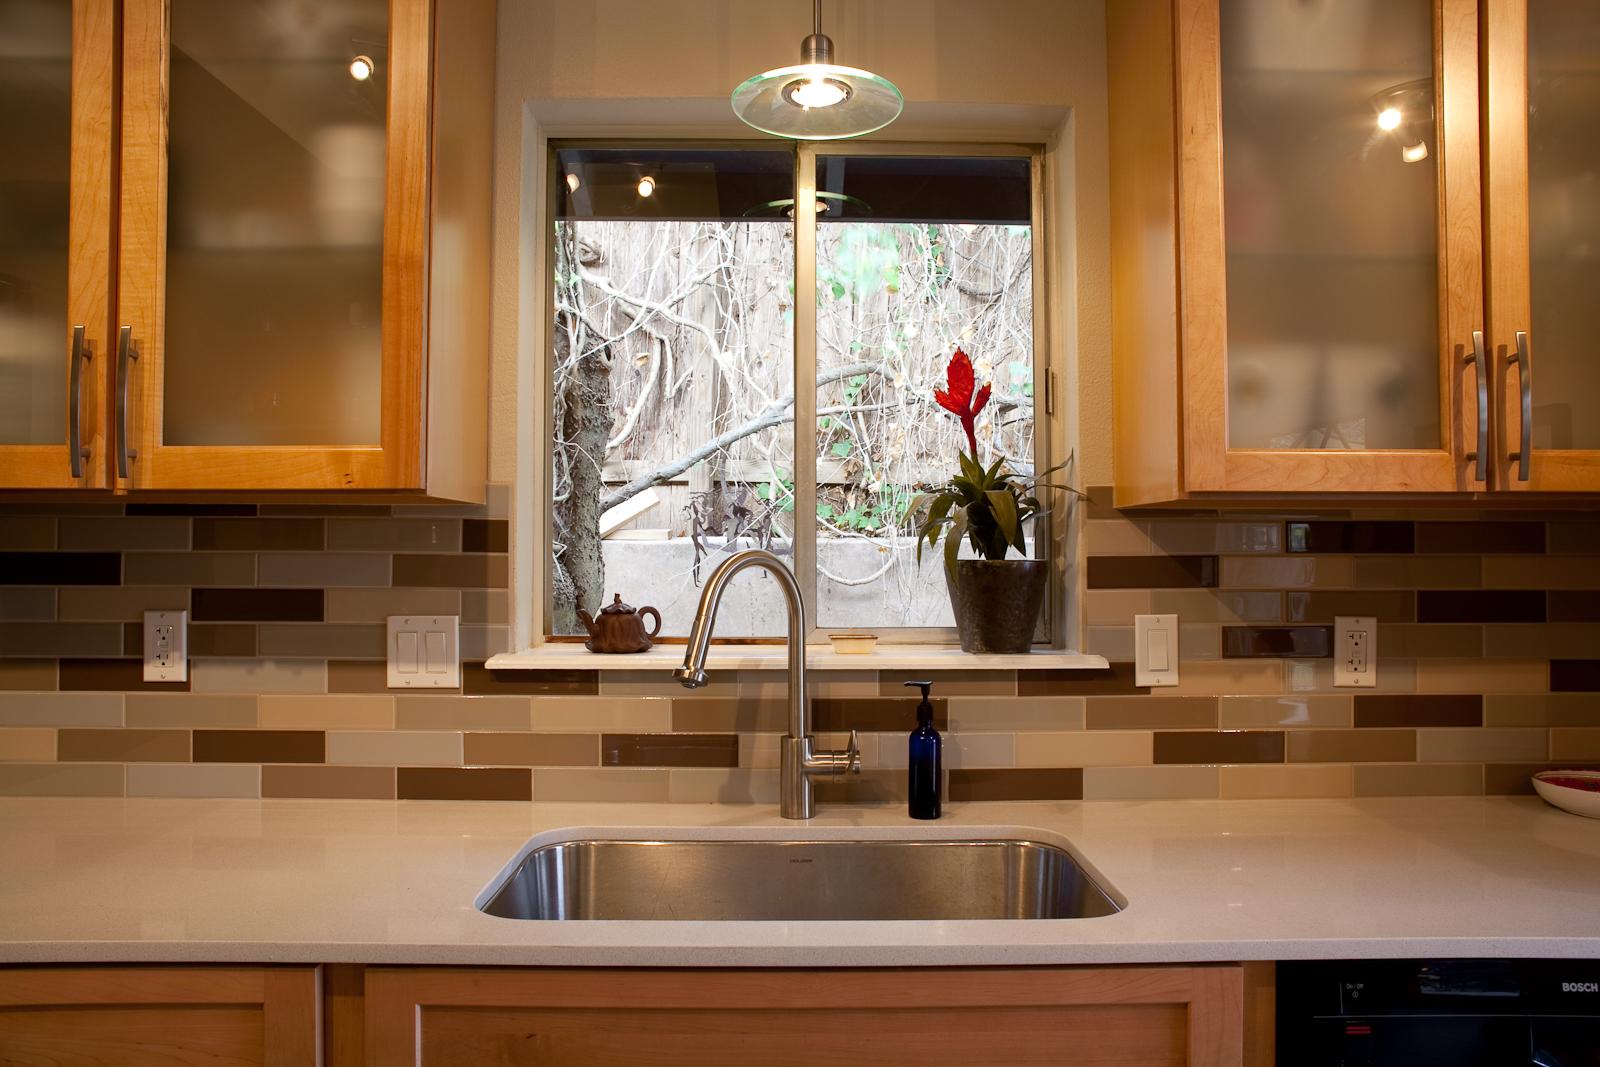 Kitchen backsplash accent tile